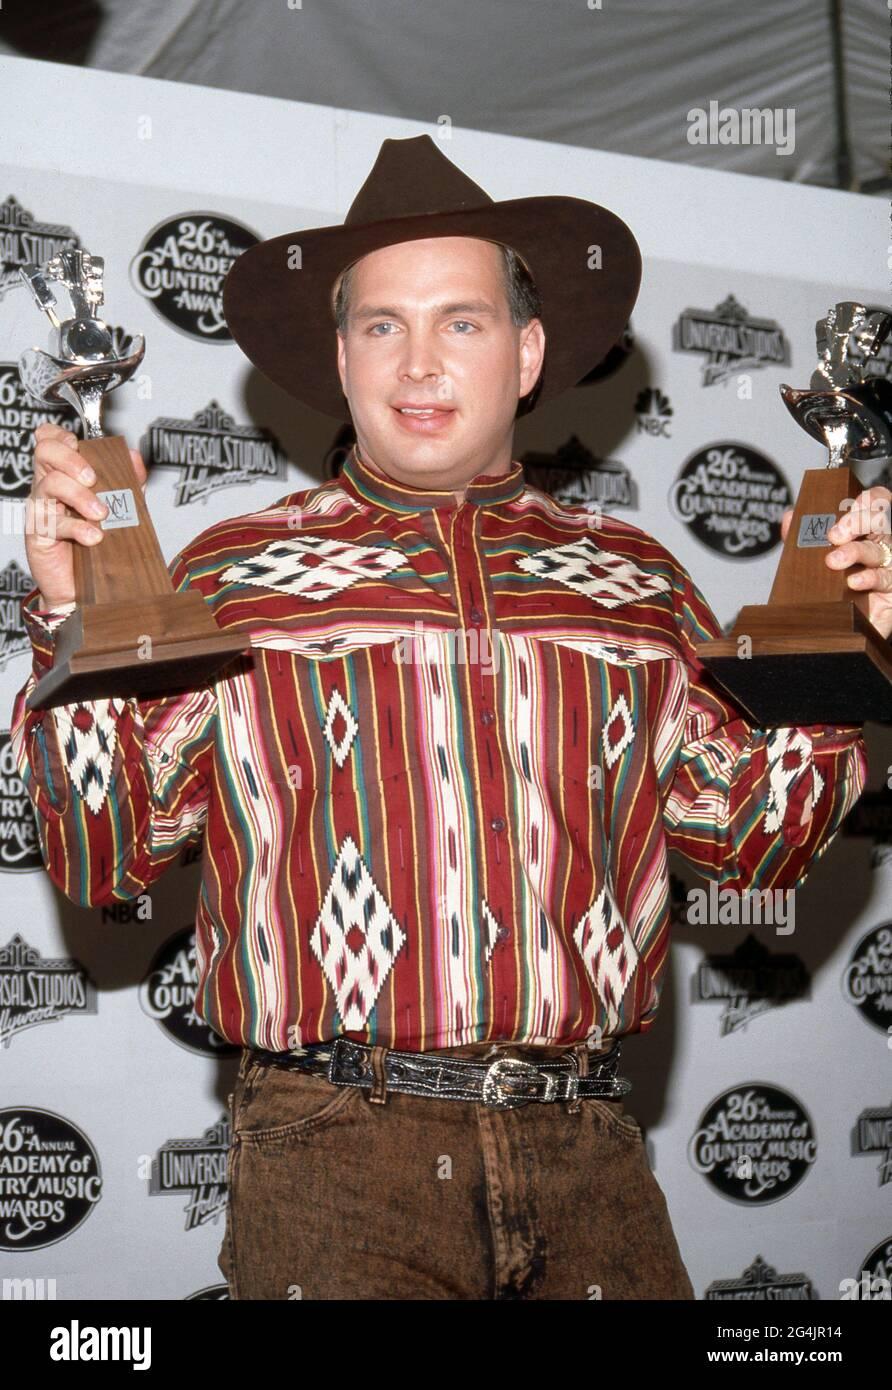 Garth Brooks al 26° Premio annuale dell'Accademia di Musica Country all'Universal Ampitheater di Universal City, California 24 aprile 1991 Credit: Ralph Dominguez/MediaPunch Foto Stock